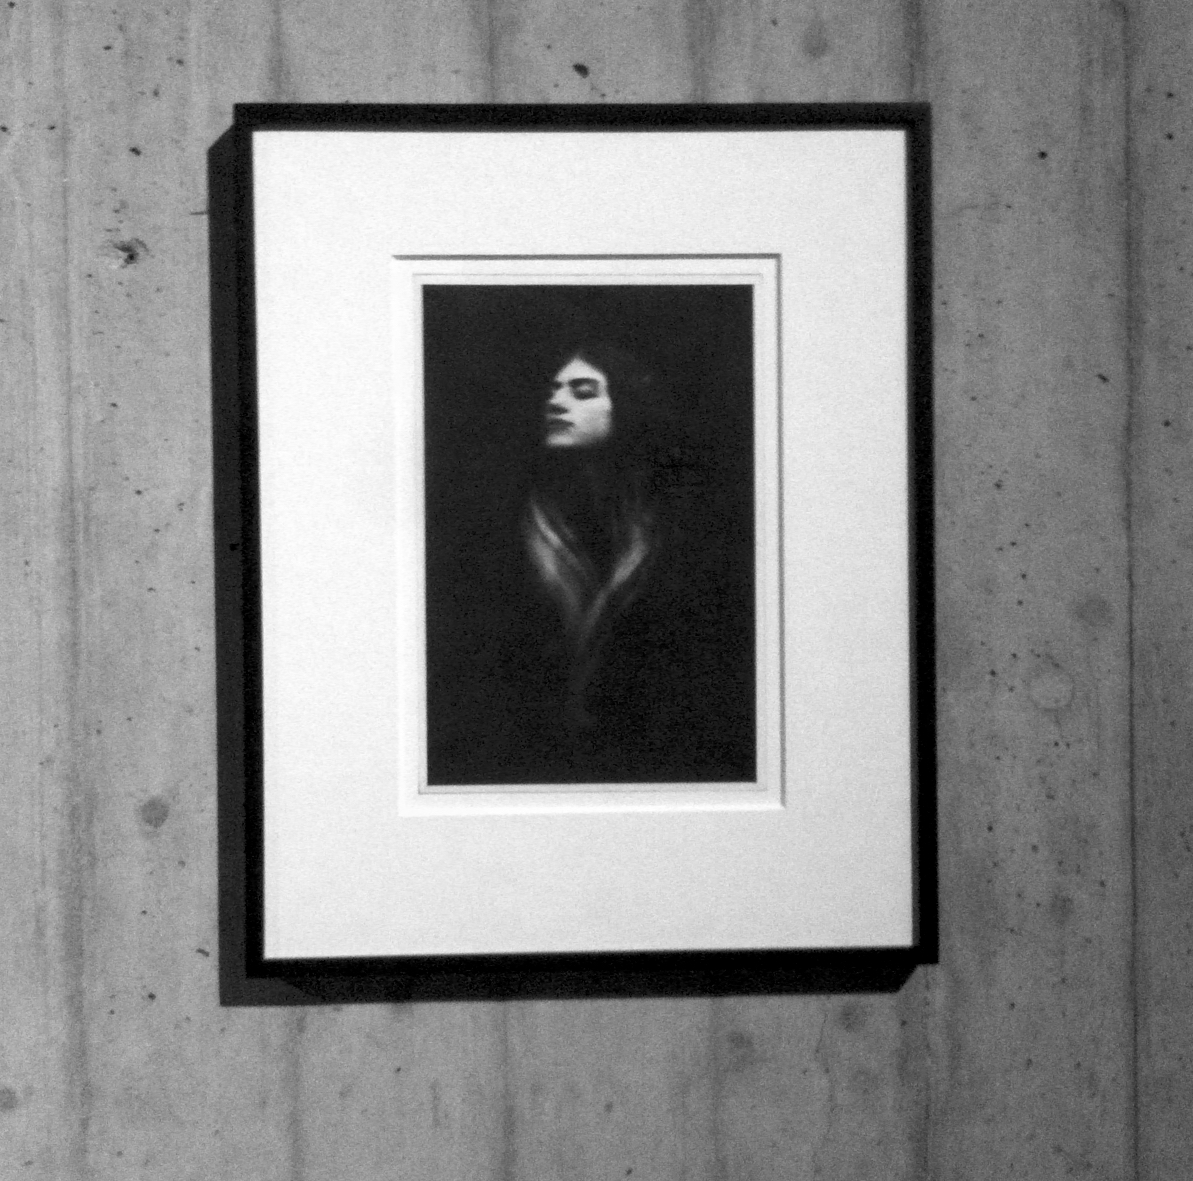 """Donata Wenders """"Photographien"""" in Gladbeck - Ausstellungsfoto: Hartmut Bühler"""